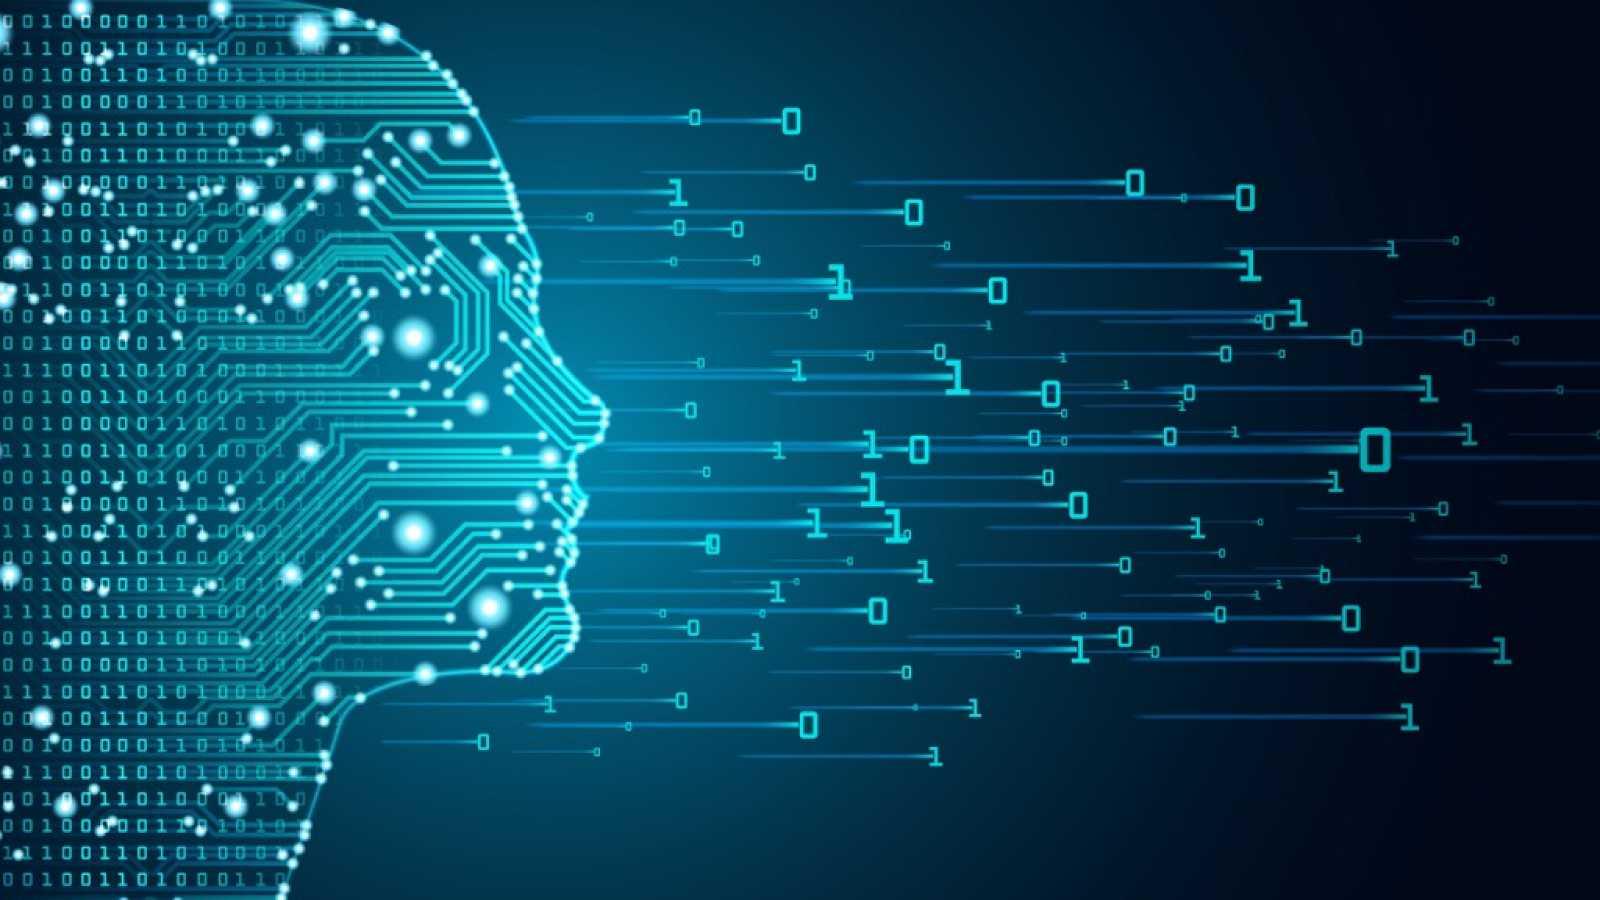 Secretos del cerebro - ¿Cuándo nos superará la inteligencia artificial? - 27/06/19 - Escuchar ahora